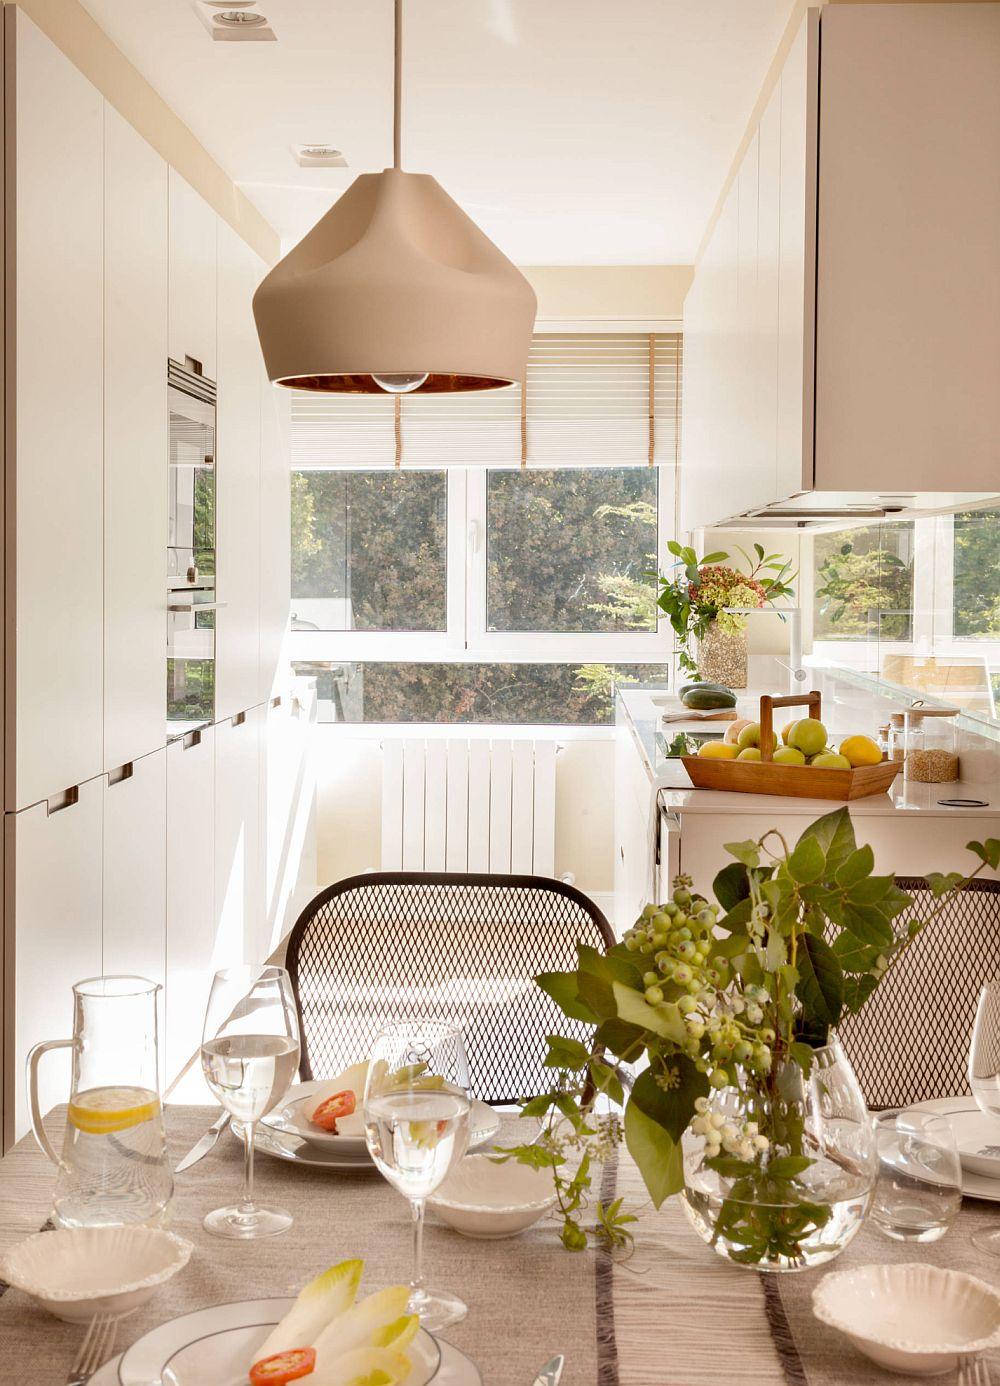 Pentru s-a dorit mult spațiu de depozitare, designerul a prevăzut un ansamblu de dulapuri în bucătărie care sunt organizate pe verticală. Designul minimalist, cu mânere frezate face ca totul să fie simțit aerisit, în ciudat suprafeței mari pe care le ocupă corpurile.